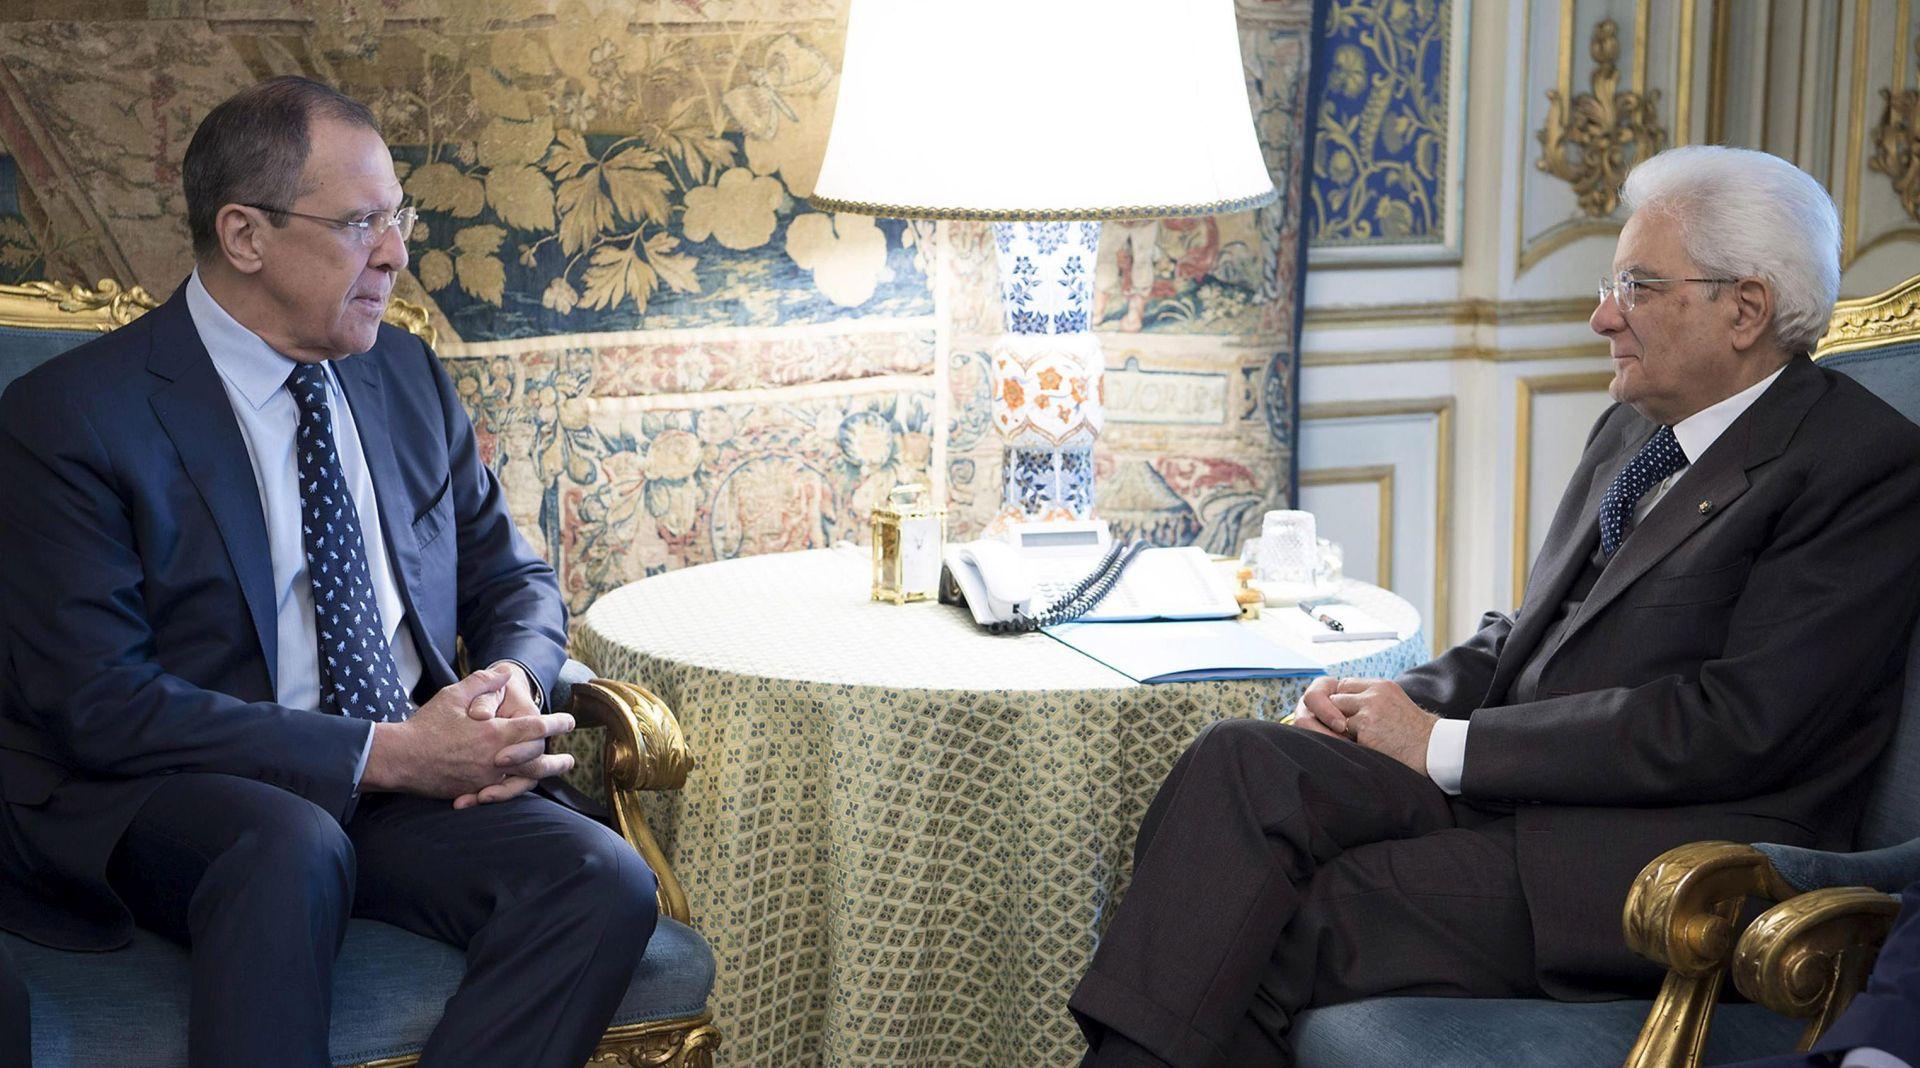 UNATOČ UKRAJINSKOJ KRIZI: Italija želi mogućnost dijaloga s Moskvom